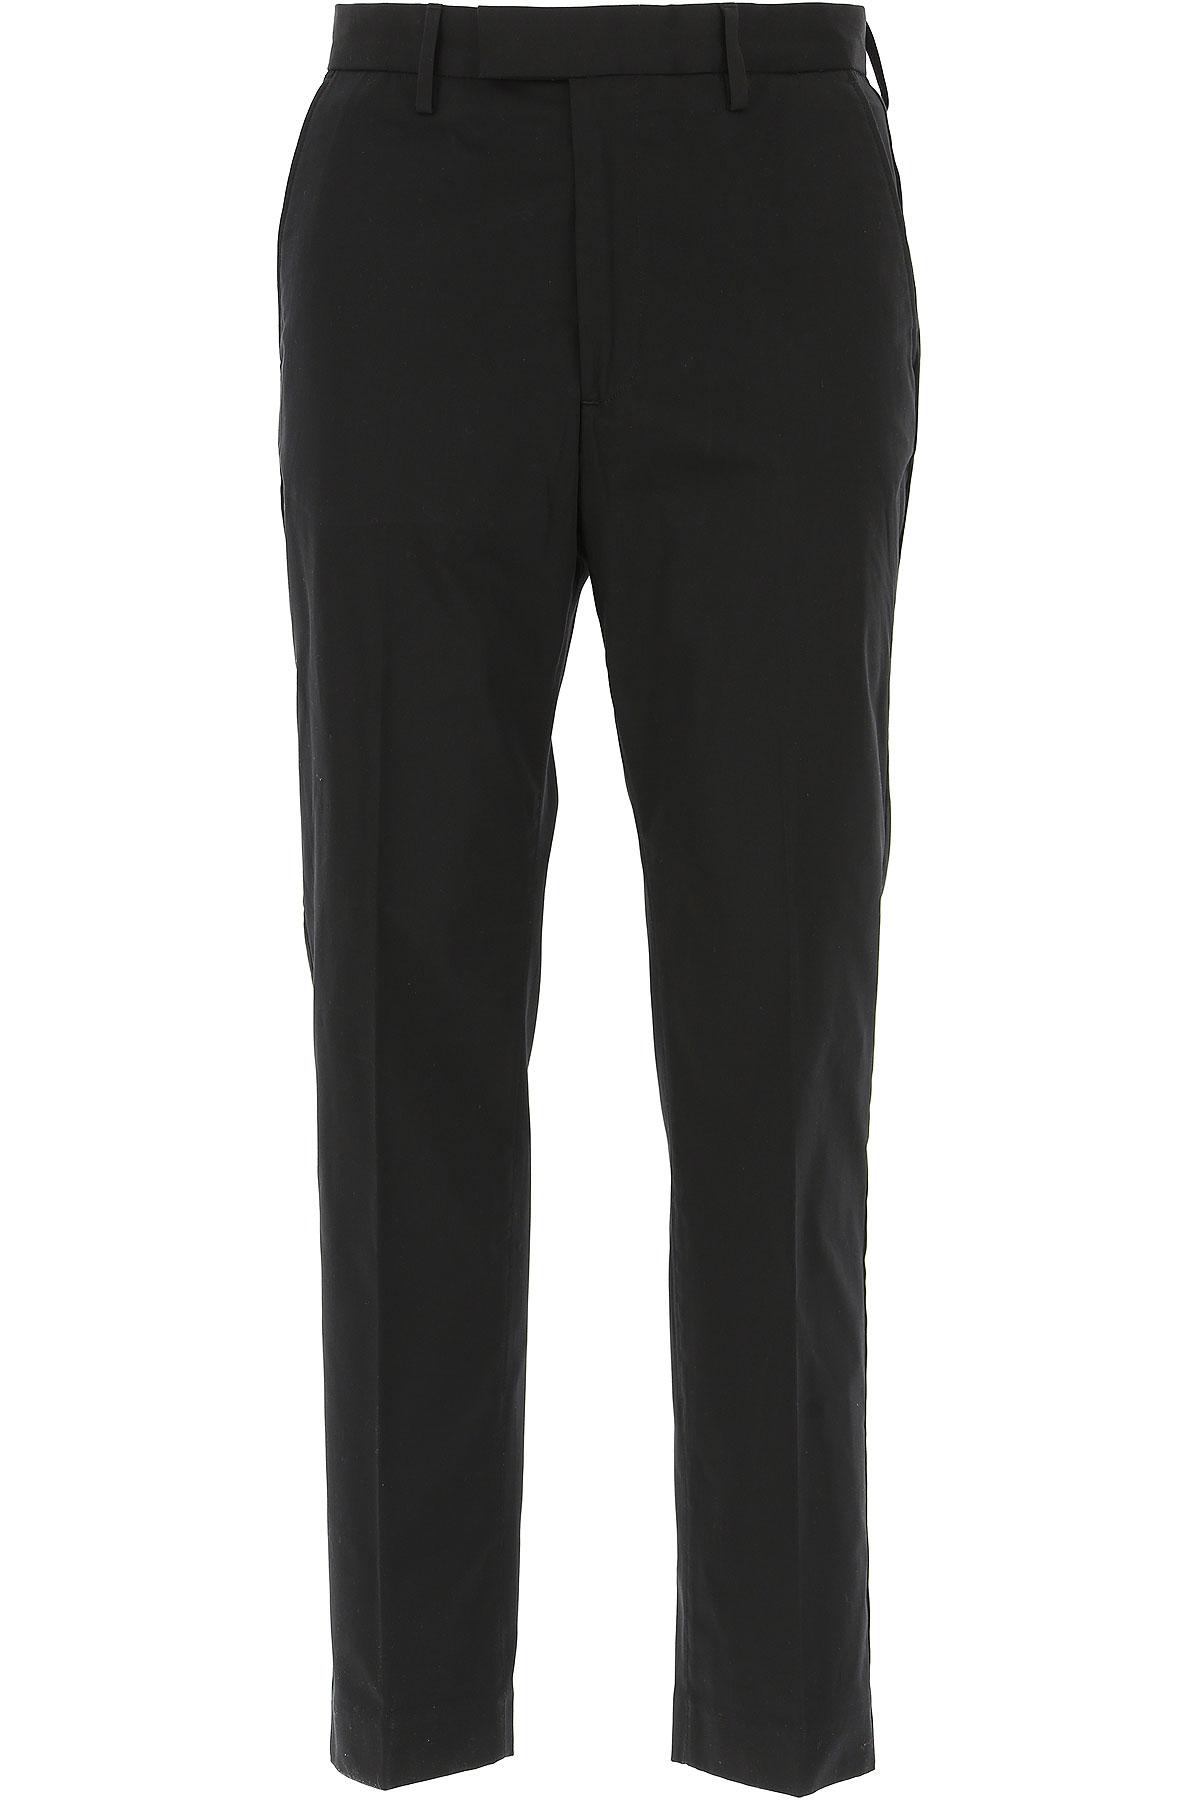 Image of Acne Studios Pants for Men, Black, Cotton, 2017, 30 32 34 36